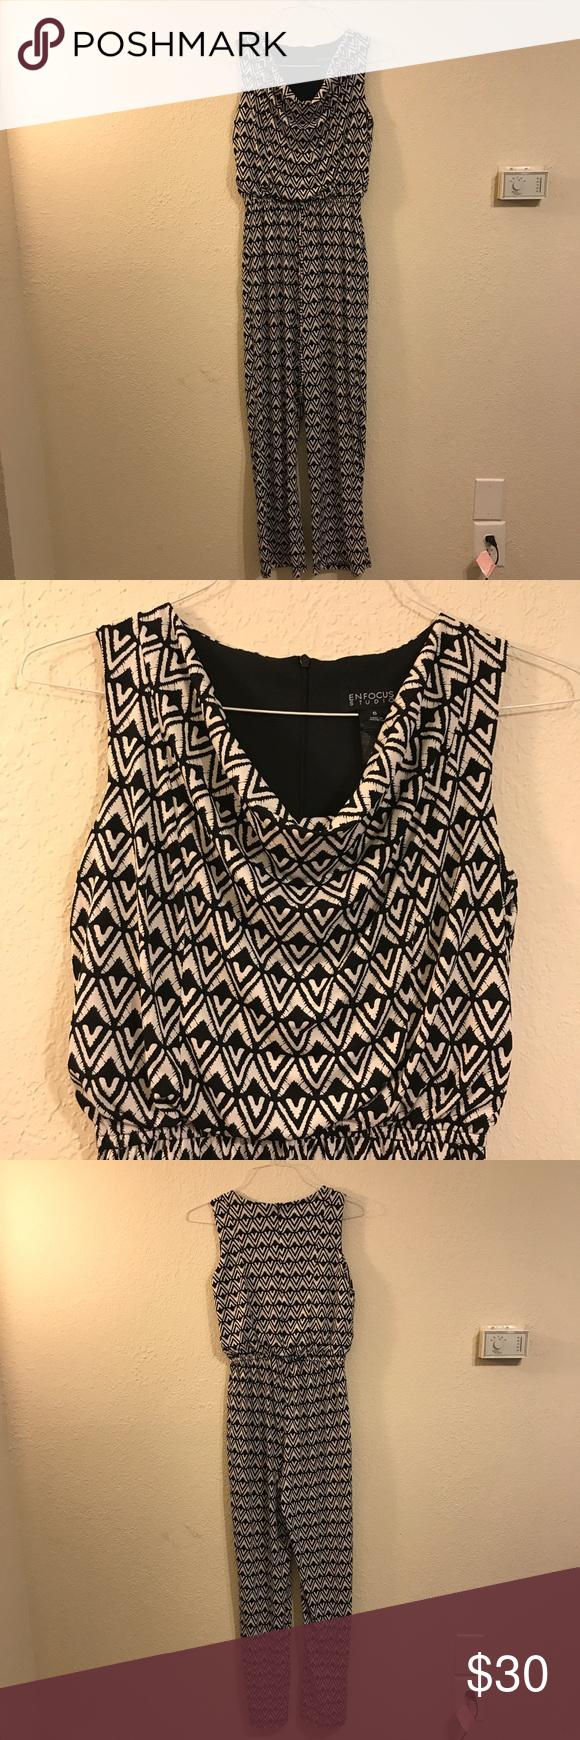 d1d72fa948a ENFOCUS STUDIO black and white jumpsuit. Lovey black and white jumpsuit size  6 wore it once. Like new. Enfocus Studio Pants Jumpsuits   Rompers